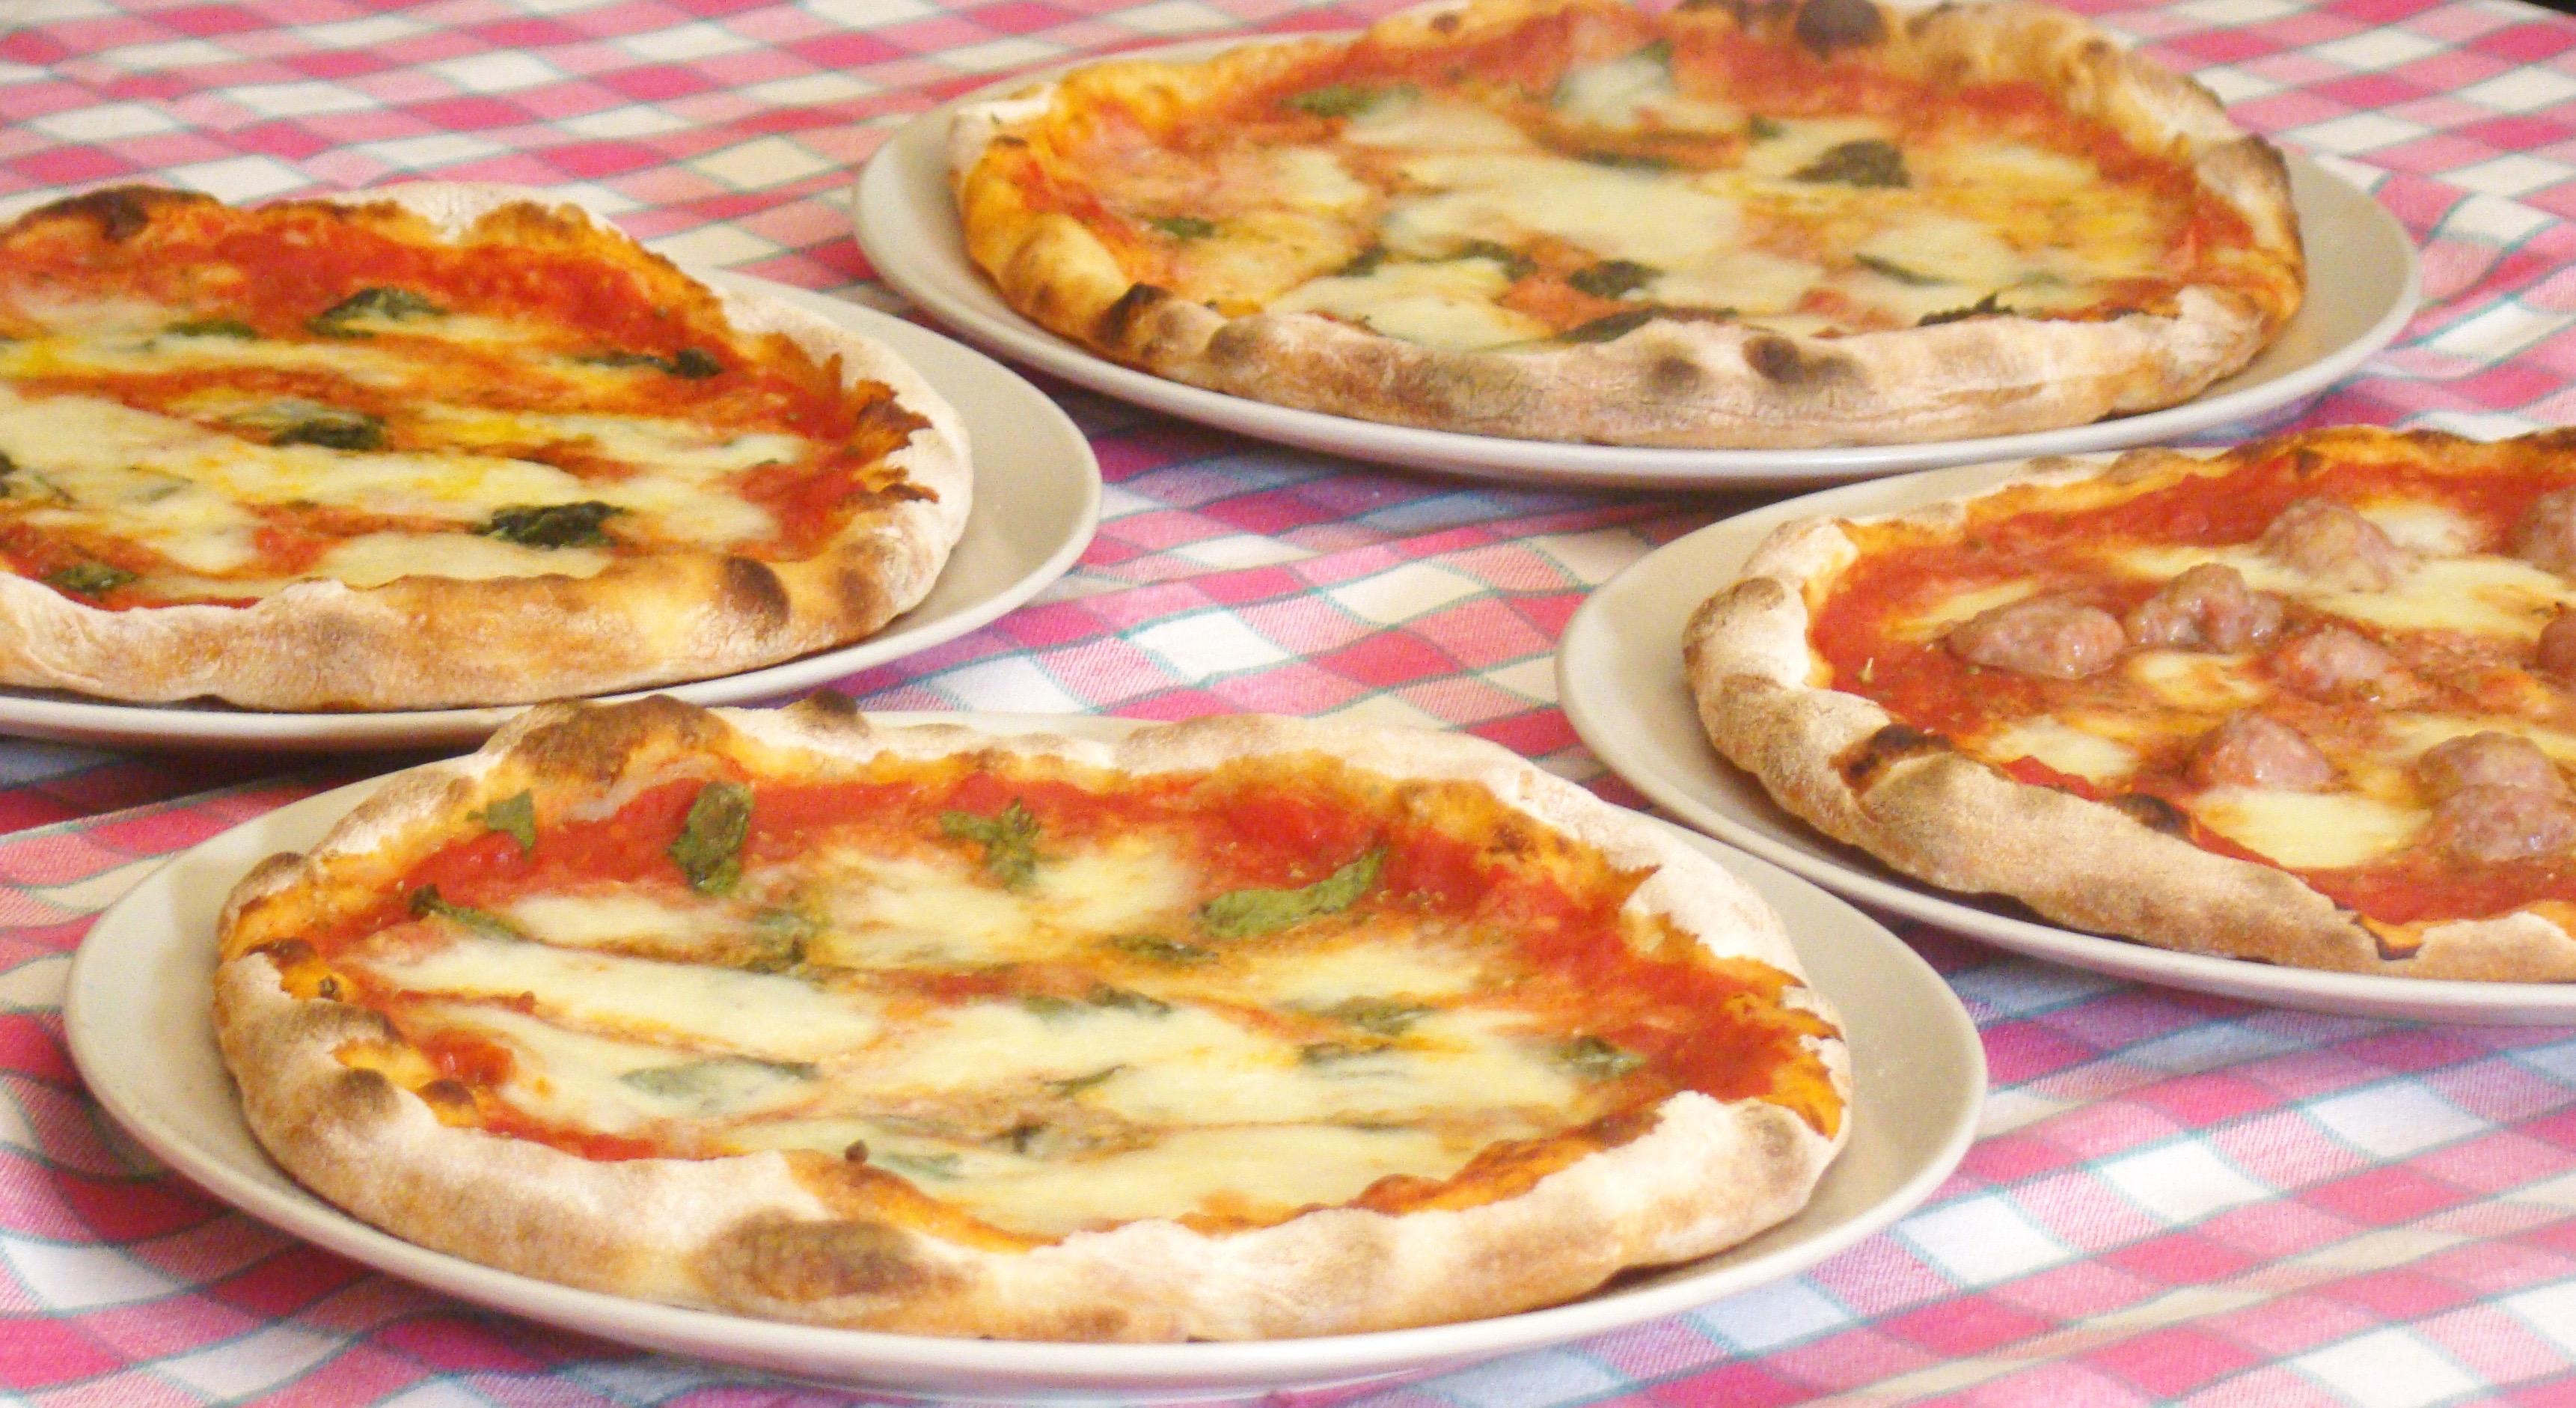 Ricetta Impasto Pizza Napoletana Forno Elettrico.Pizza Fatta In Casa Come In Pizzeria Impasto Lievitazione E Cottura